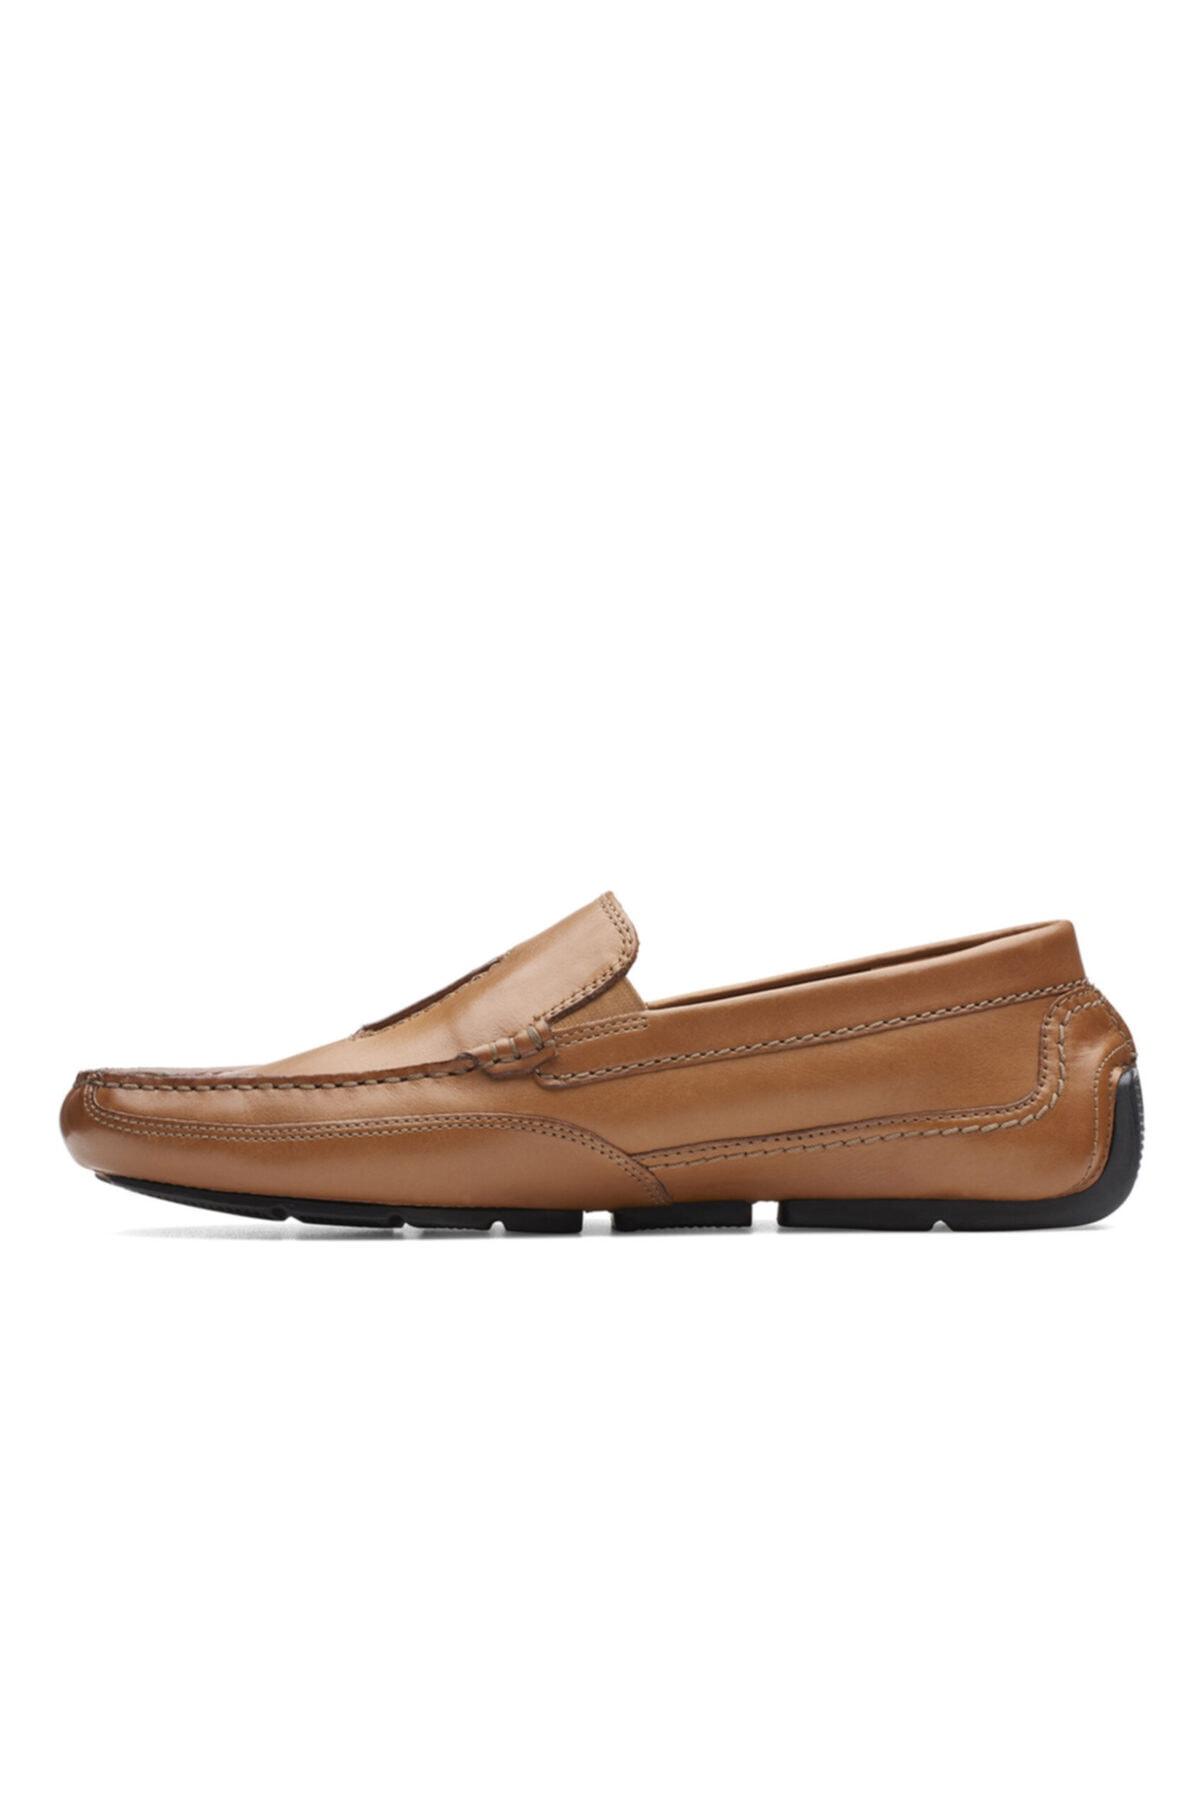 CLARKS Erkek Taba Renk Klasik Şık Ve Rahat Ayakkabı 2